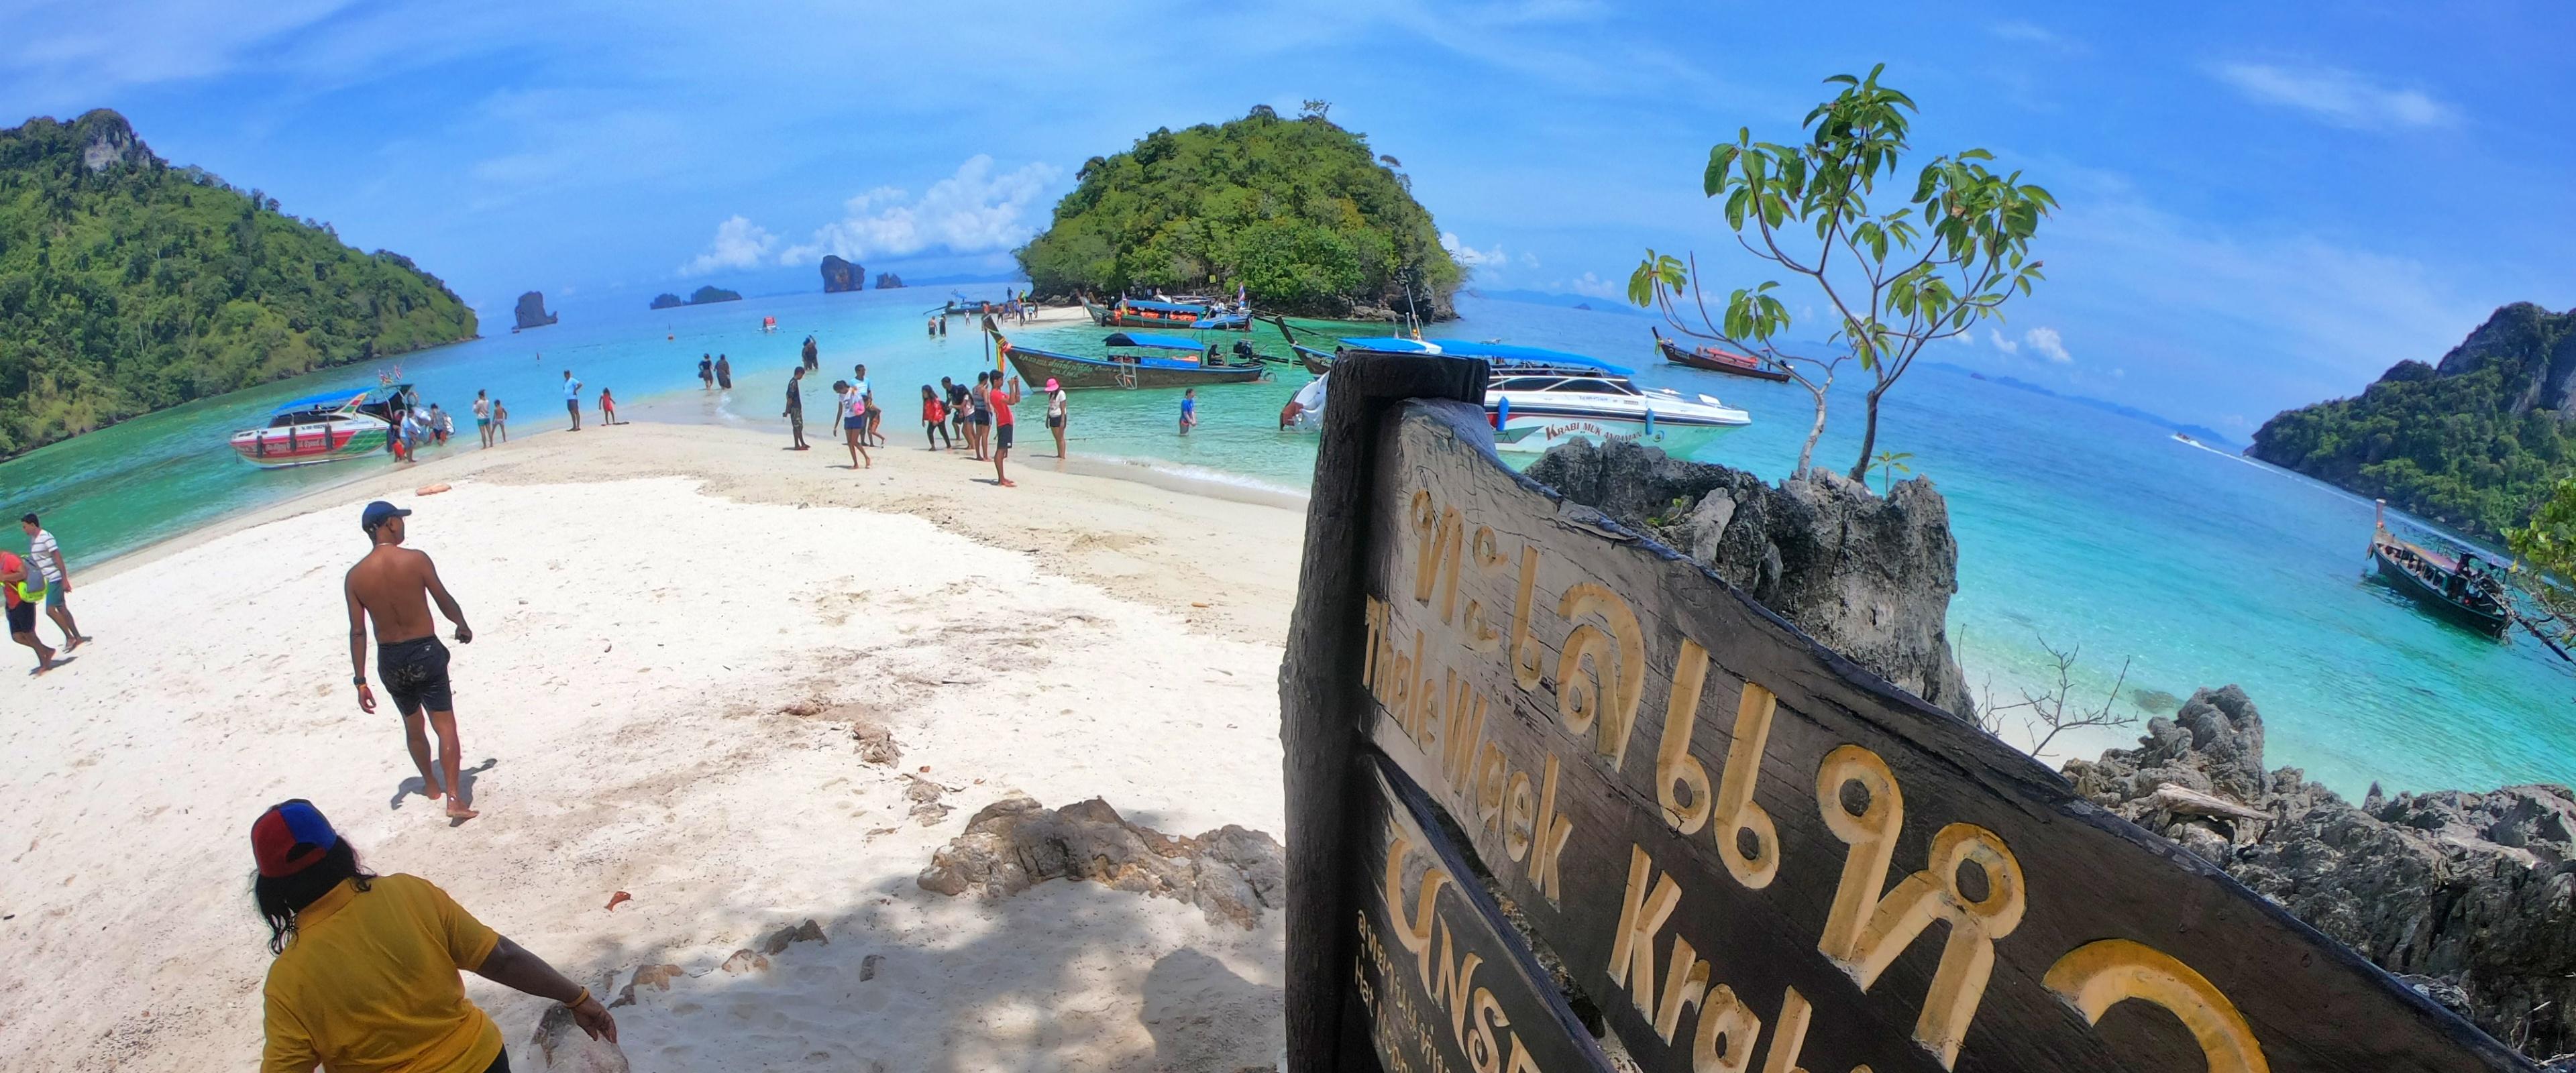 ทัวร์ 4 เกาะ กระบี่ ราคาถูก